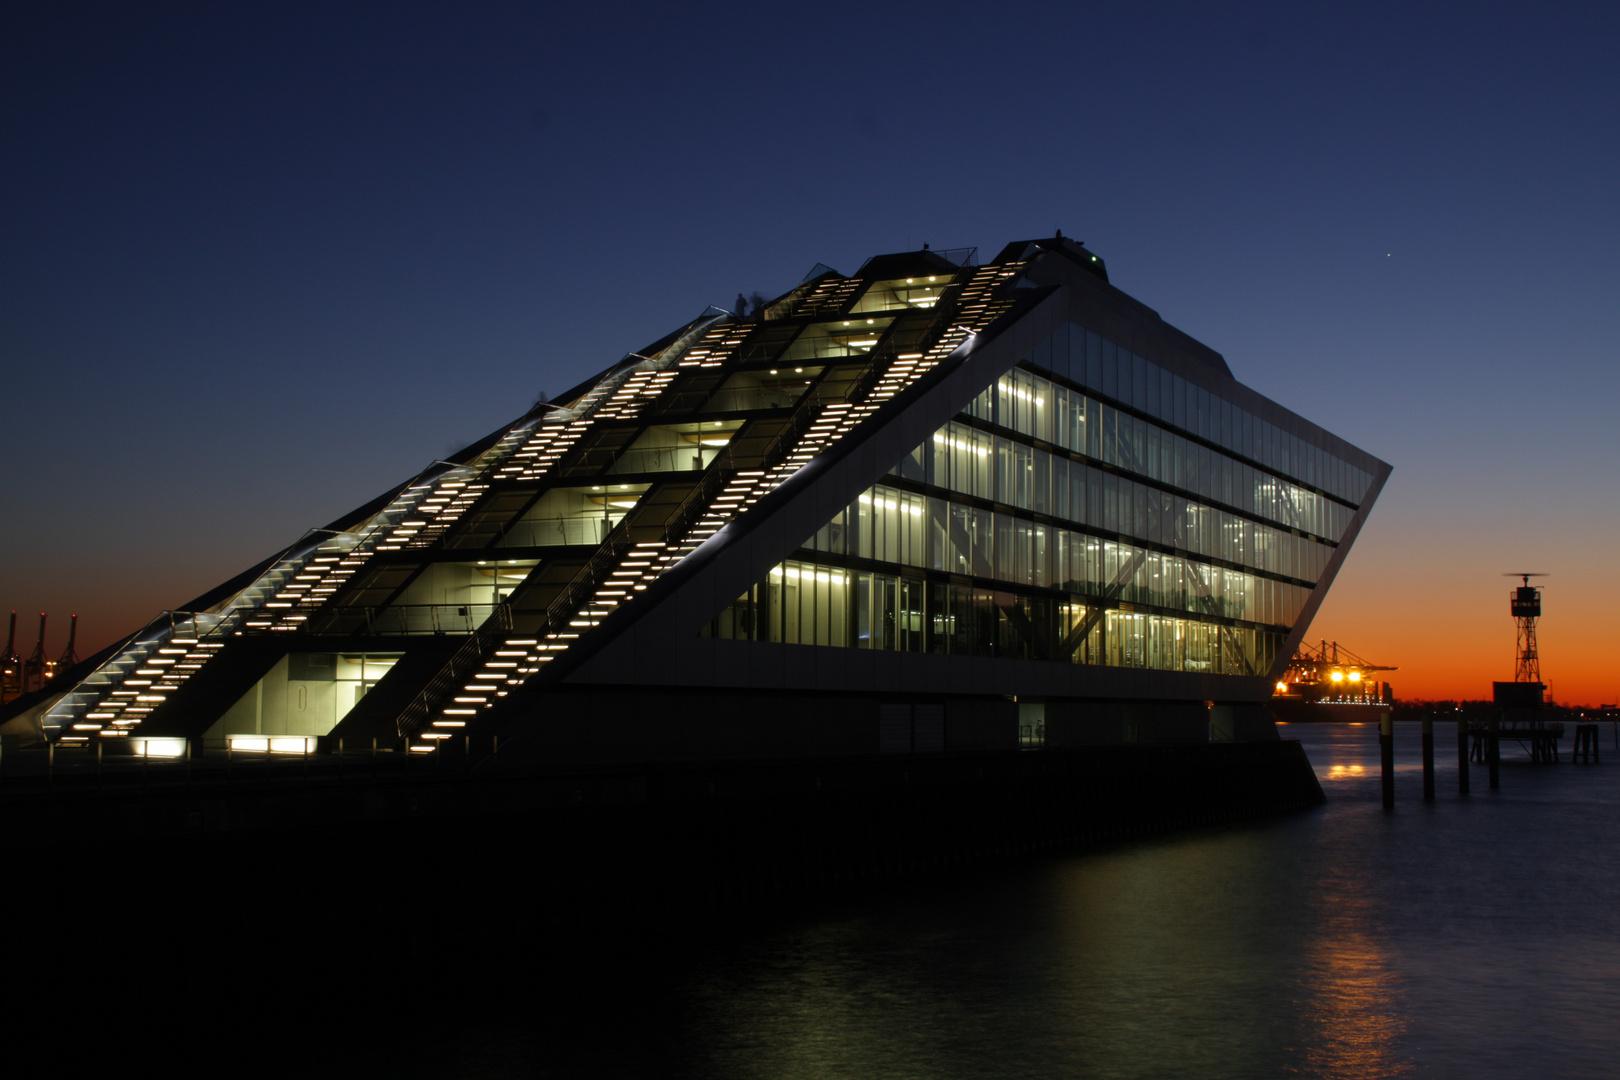 Dockland in hamburg altona foto bild architektur architektur bei nacht wasser bilder auf - Architektur hamburg ...